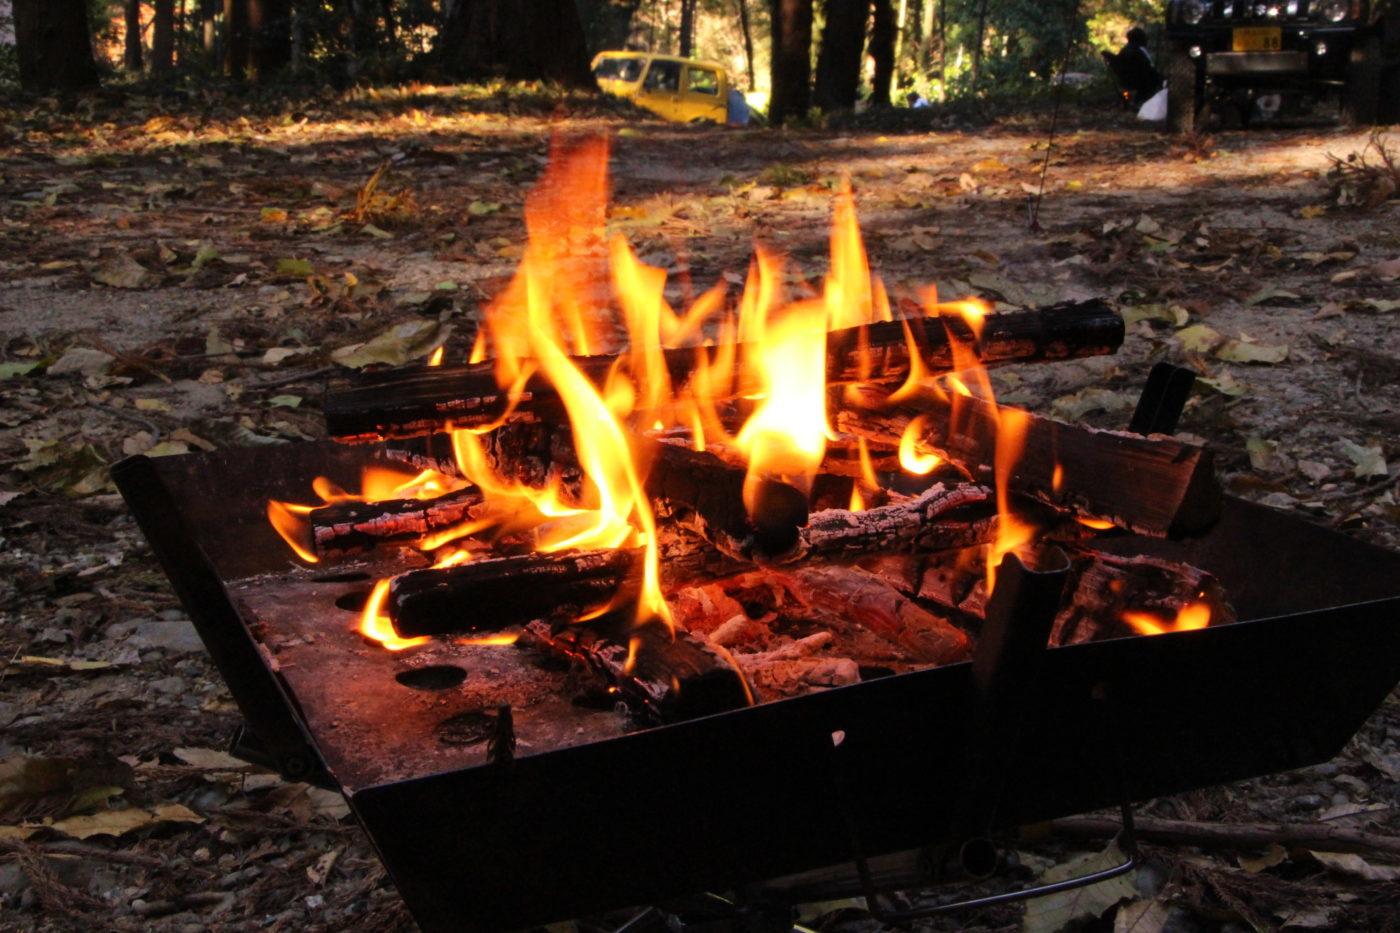 キャンプの魅力のひとつ【焚き火】の注意点まとめ